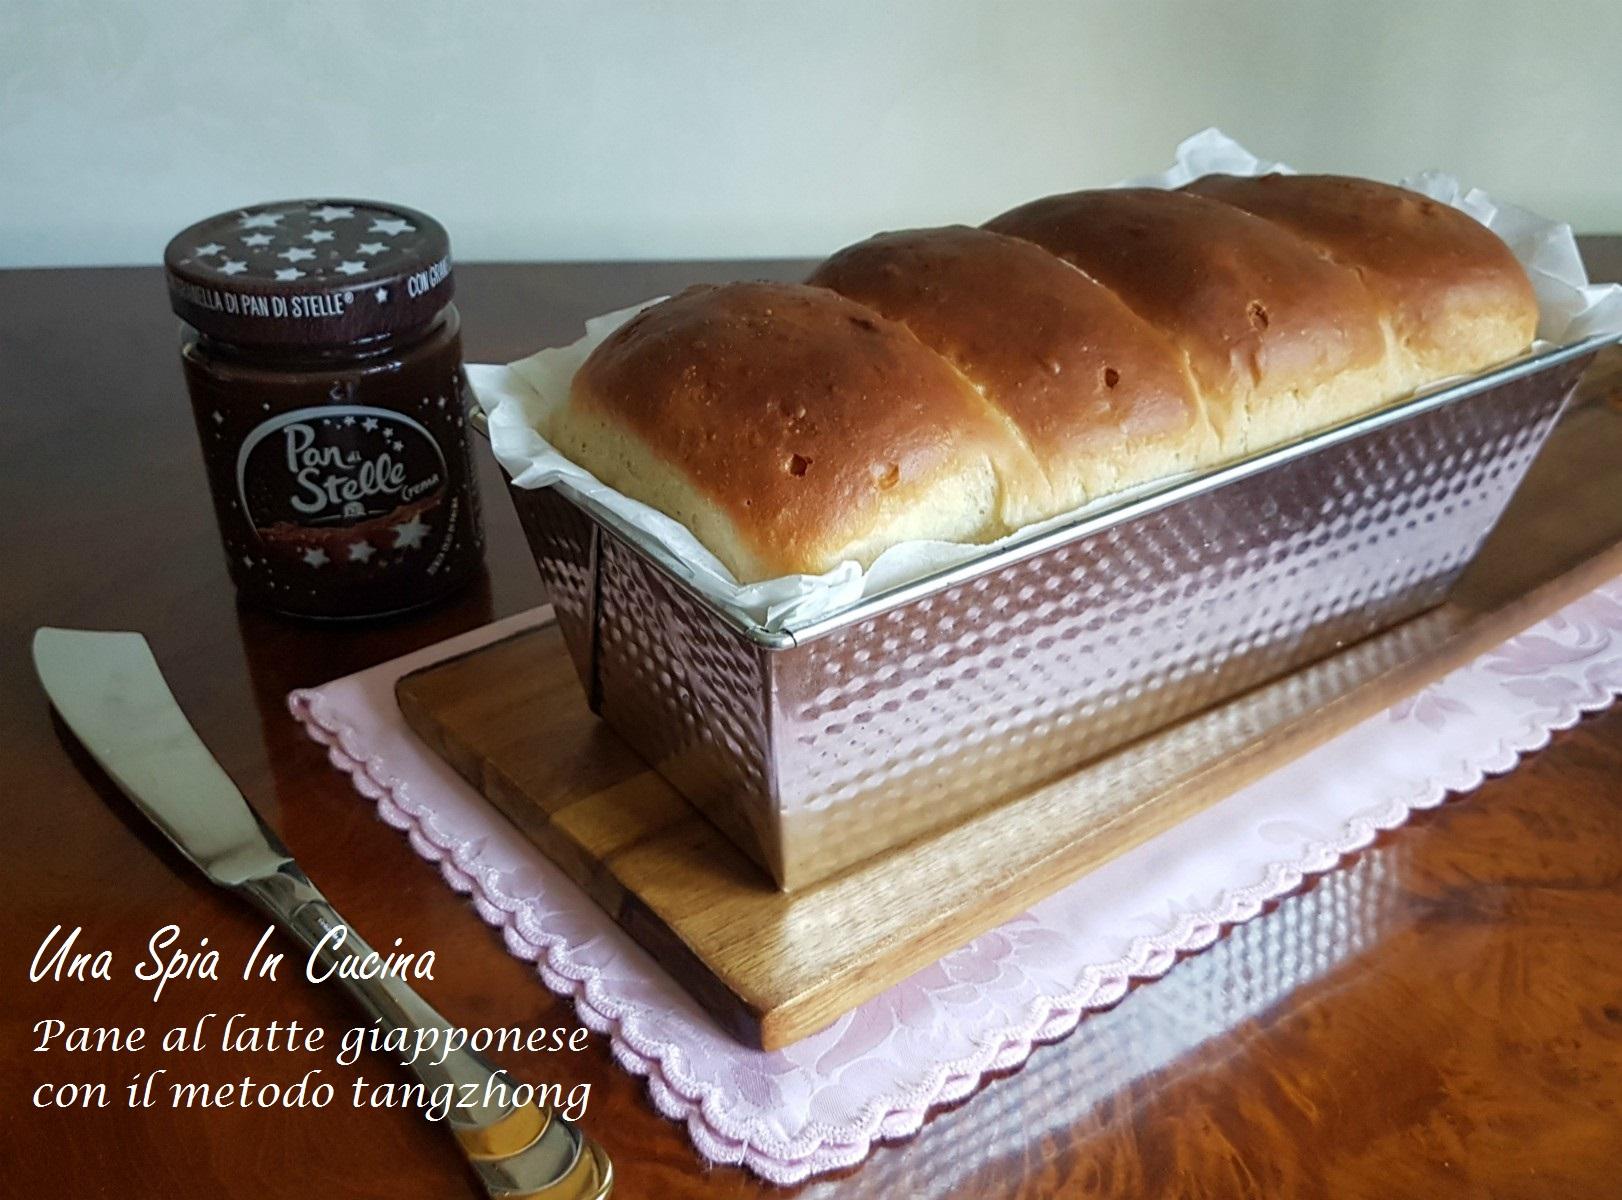 Pane al latte giapponese con il metodo tangzhong